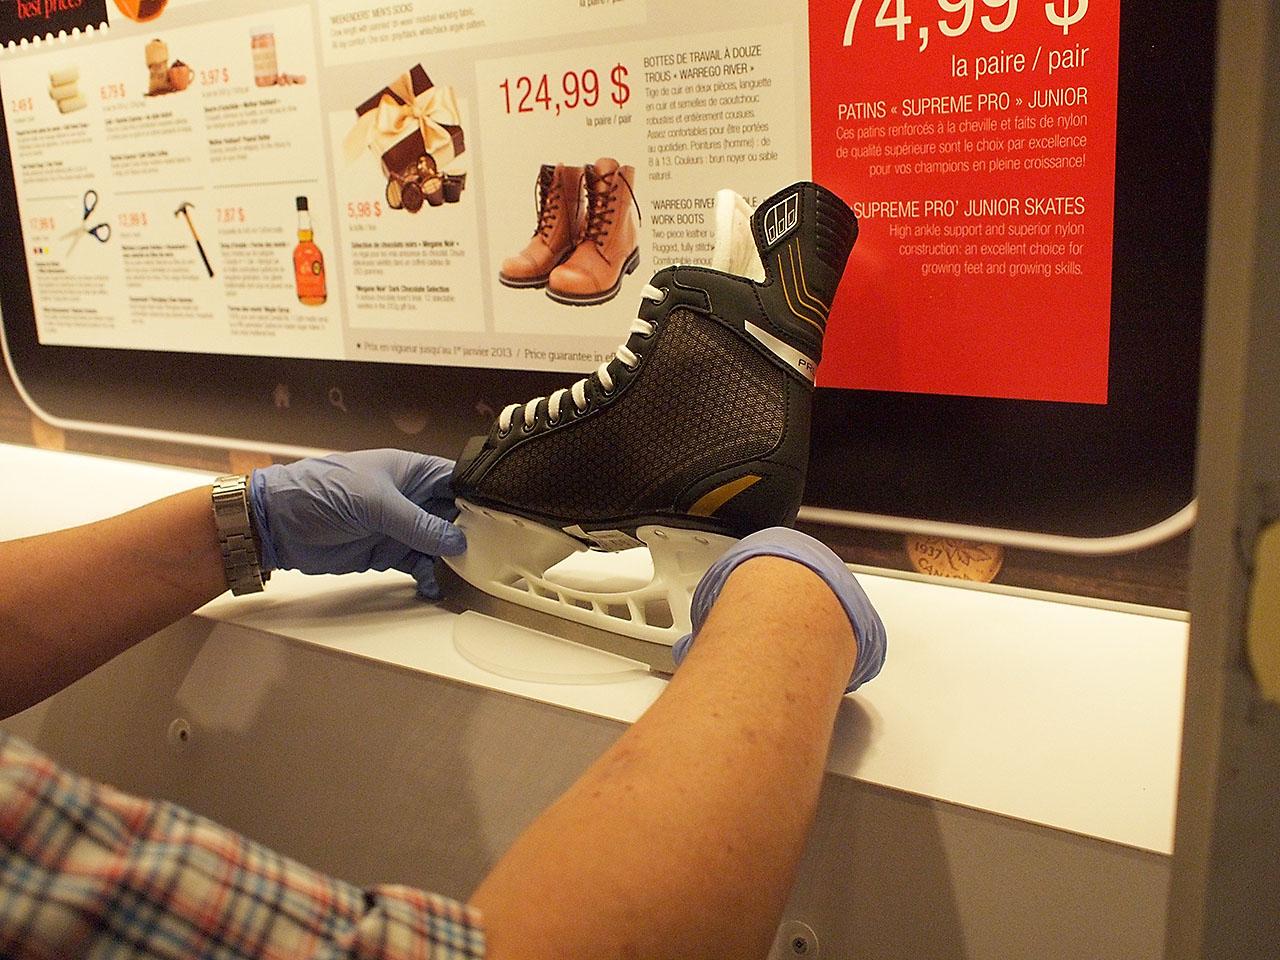 Hand placing a skate